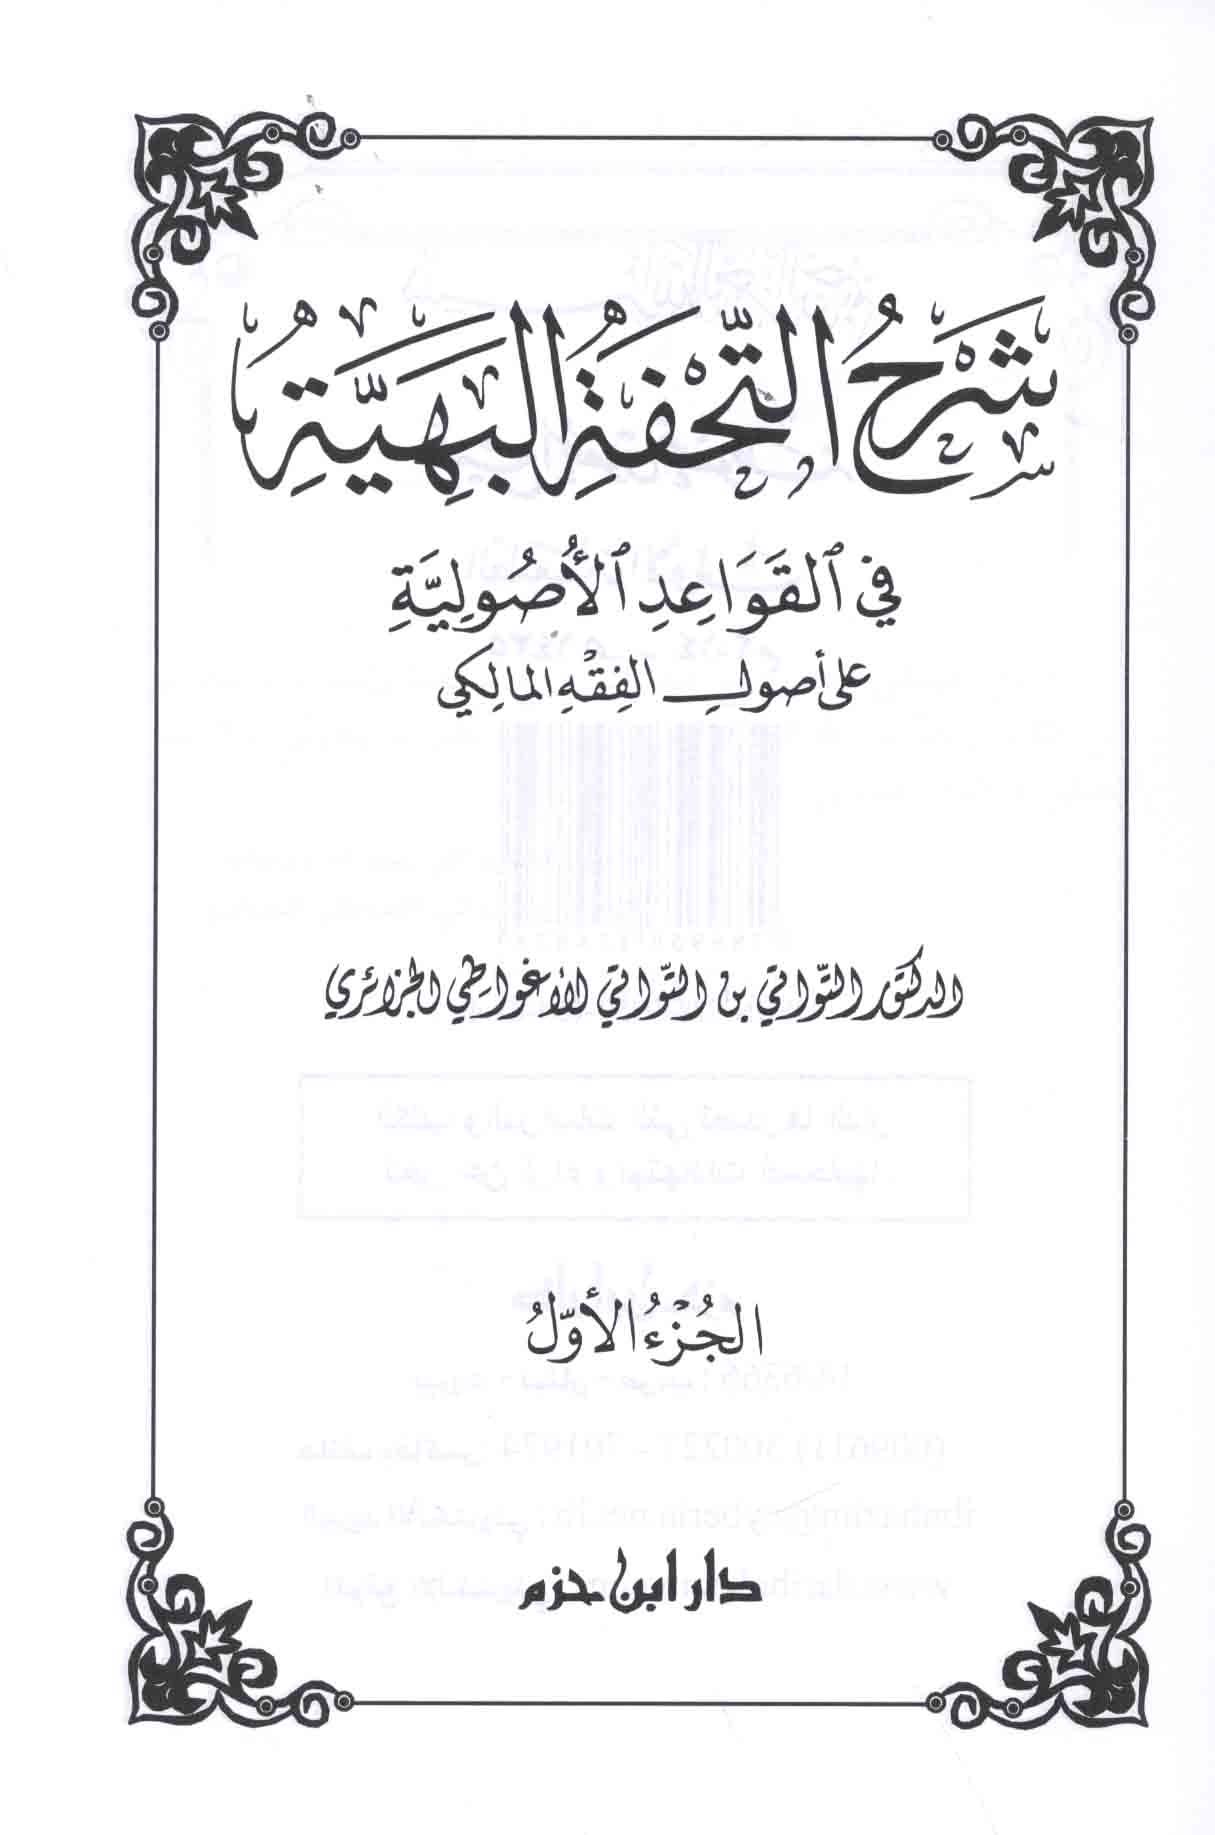 Sharh al-Tuhfah al-bahiyah fi al-qawaid al-usuliyah ala usul al-fiqh  al-Maliki